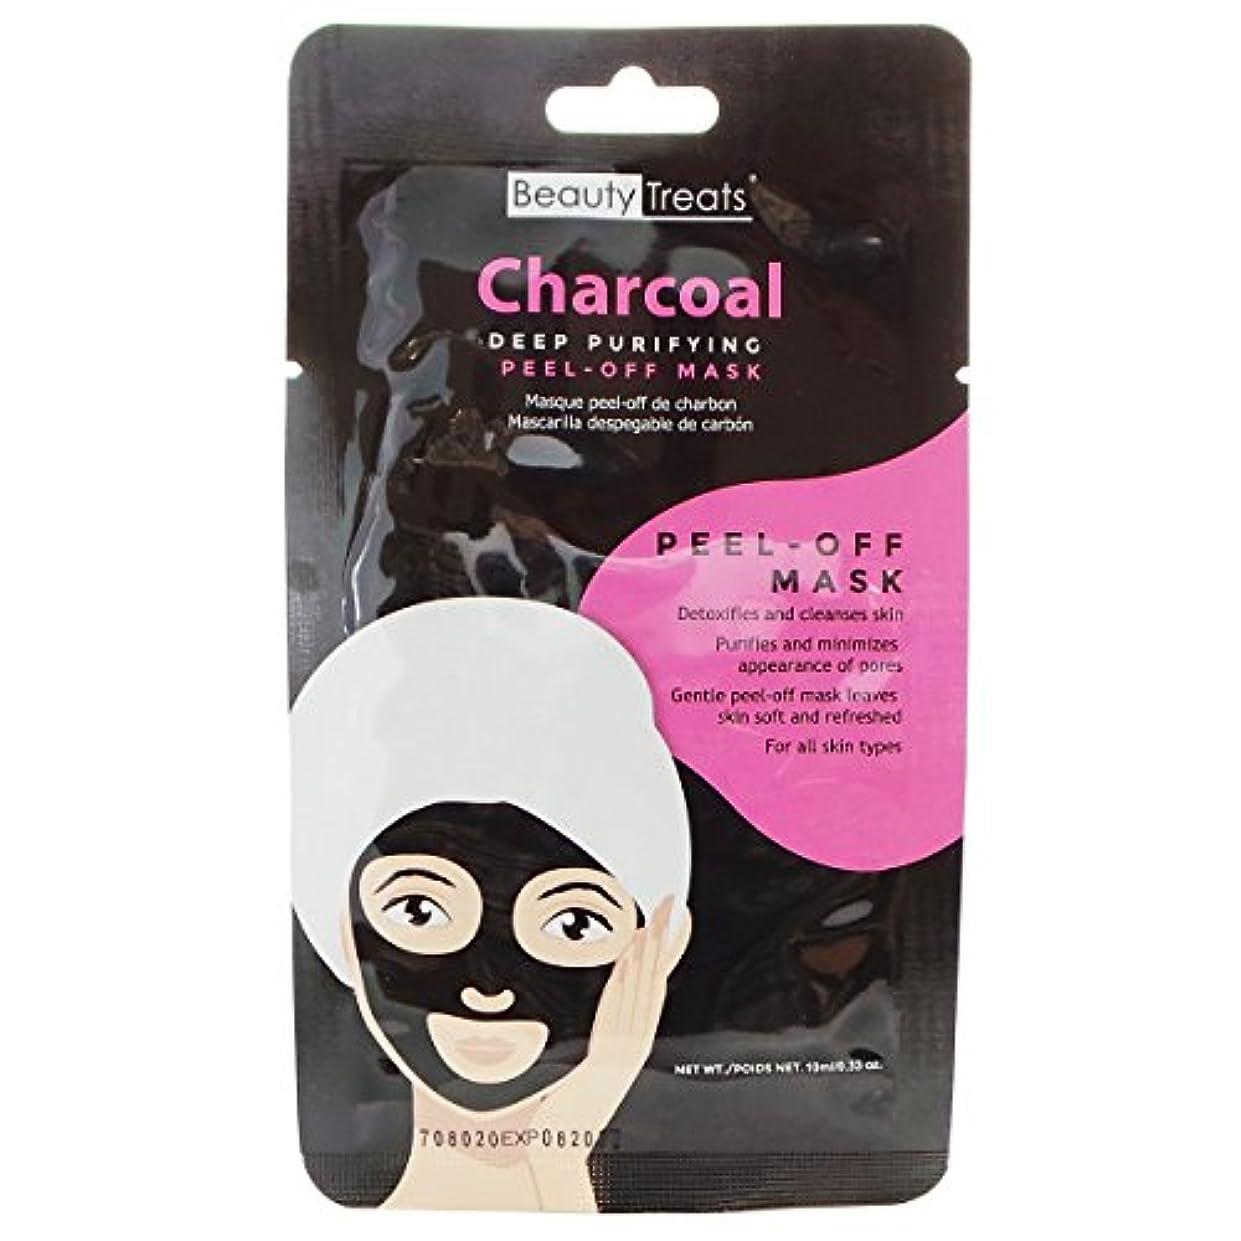 ウォルターカニンガムジャーナリスト構成する(6 Pack) BEAUTY TREATS Deep Purifying Peel-Off Charcoal Mask (並行輸入品)